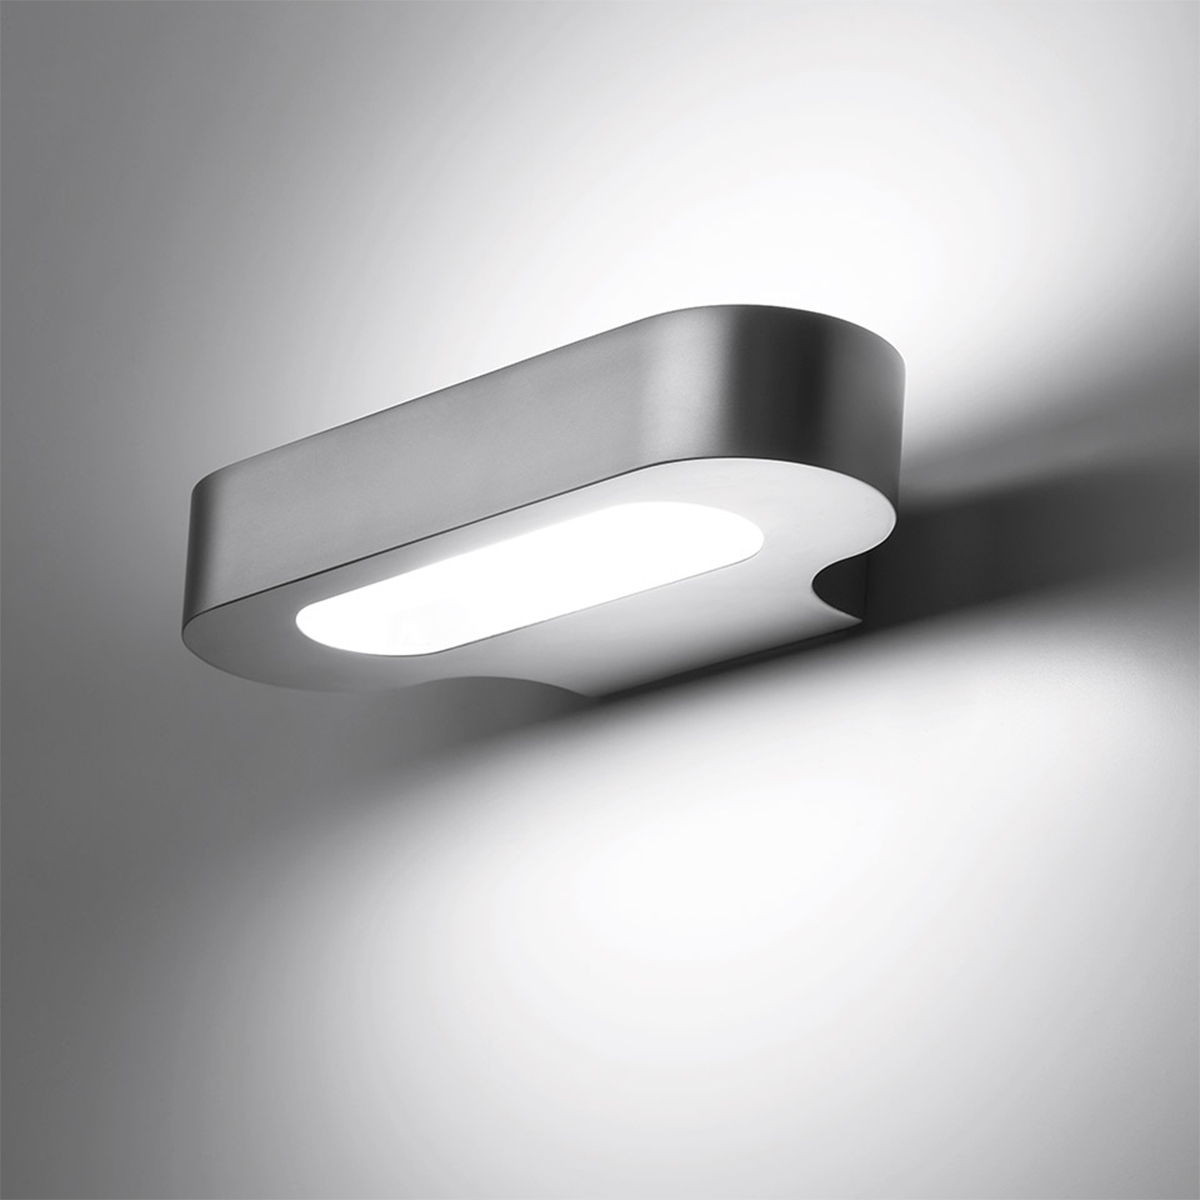 Zidna lampa Talo 0614020A